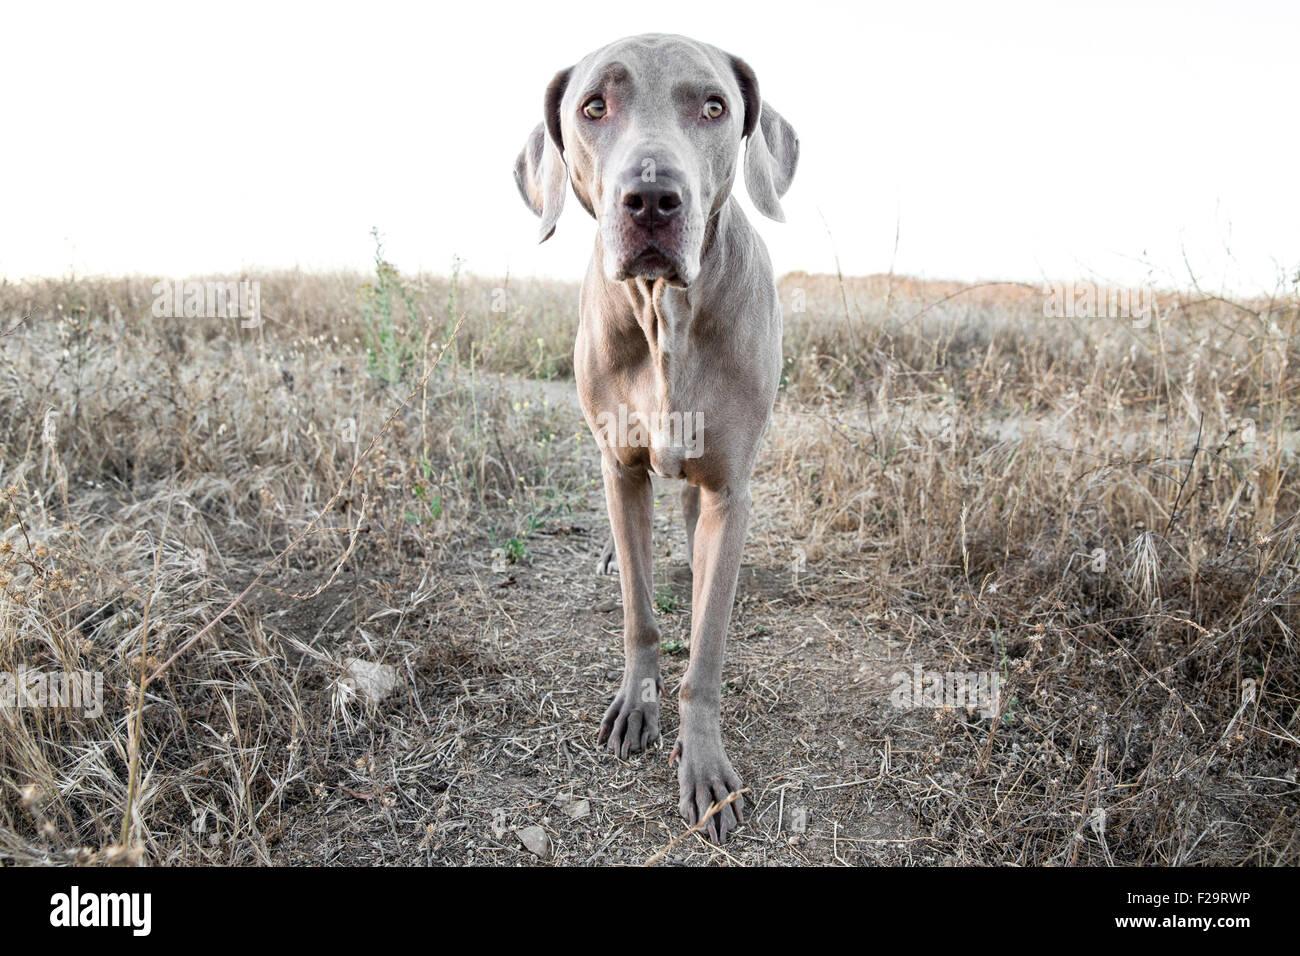 Braque de caméra chien debout sur chemin en observant les champs dénudés secs Photo Stock